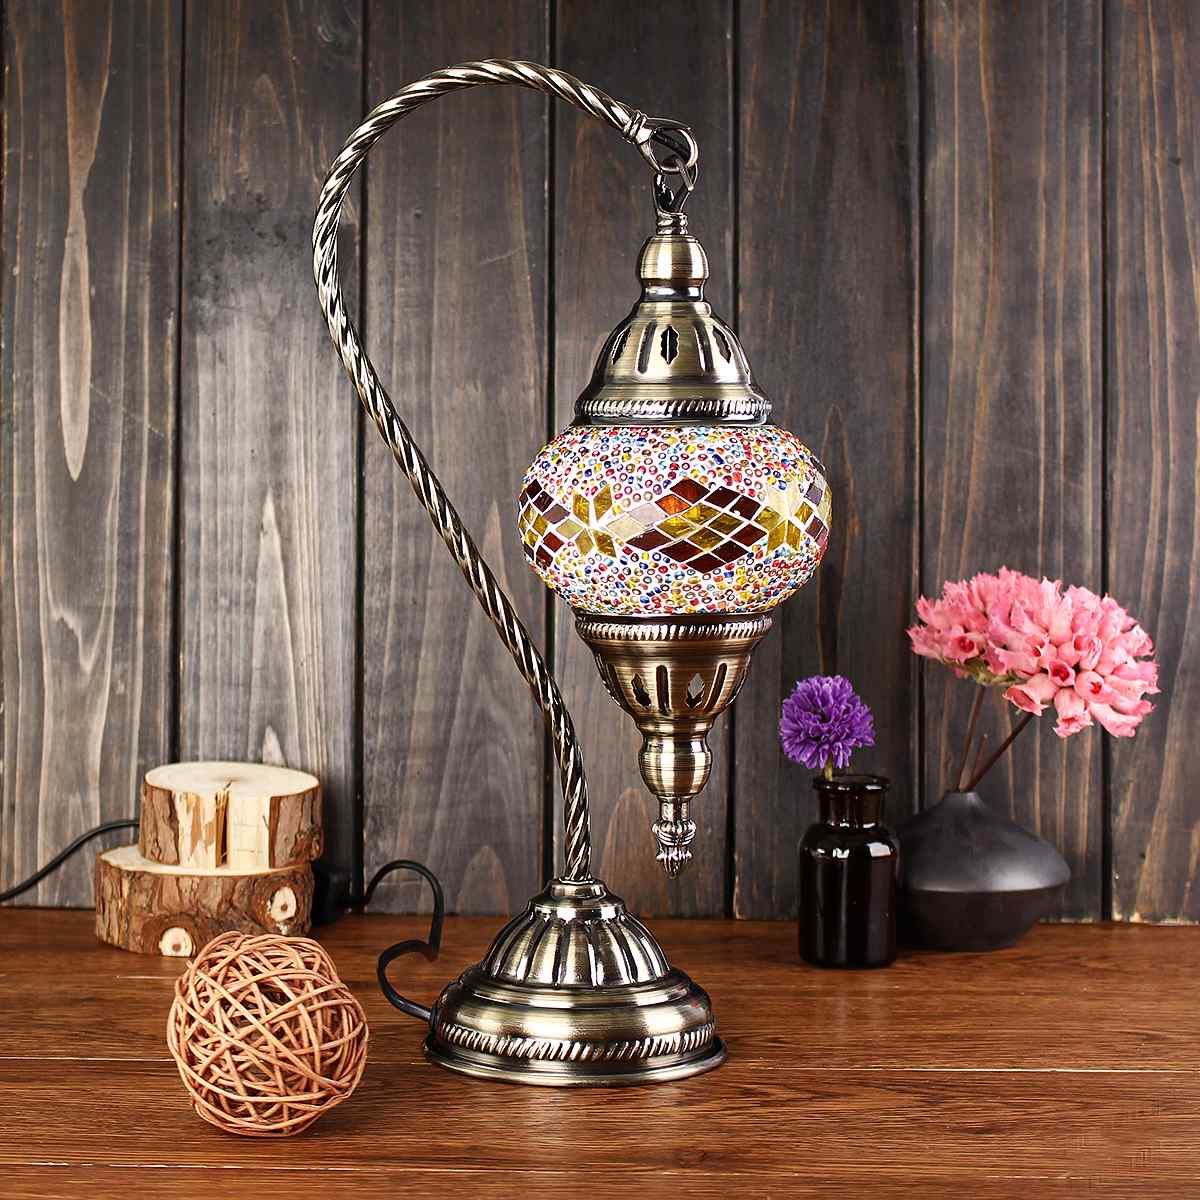 Lampes de Table lumière turque décorative pour chambre salon incrusté à la main en verre bureau lumière maroc Style cadeau E14 Vintage